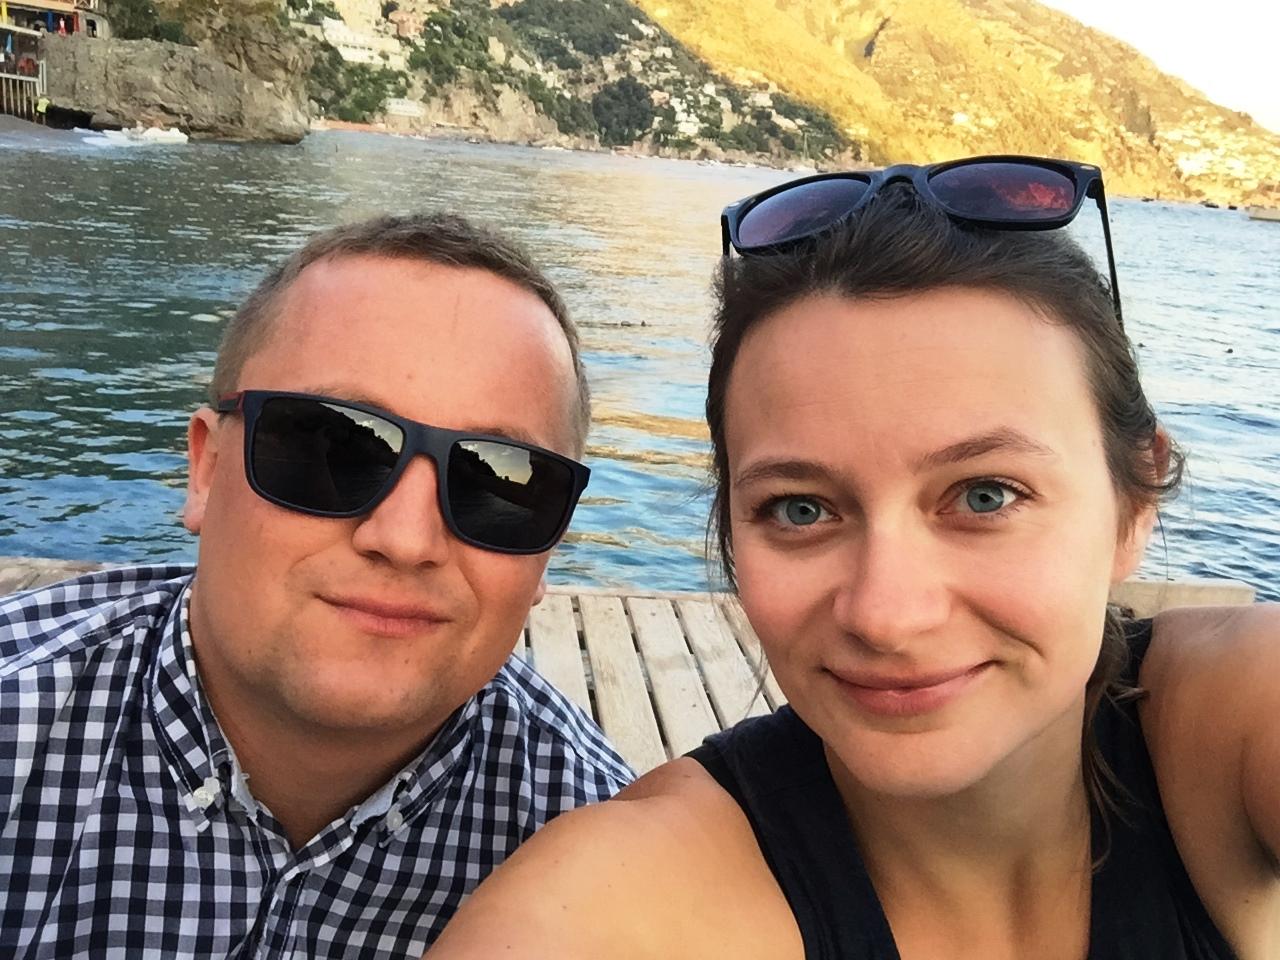 Positano, Włochy, gdzie na romantyczny wyjazd, wyjazd we dwoje, podróż poślubna, zaręczyny, najpiękniejsze miejsca we Włoszech, Wybrzeże Amalfi, wyjazd we dwoje, romantyczny weekend